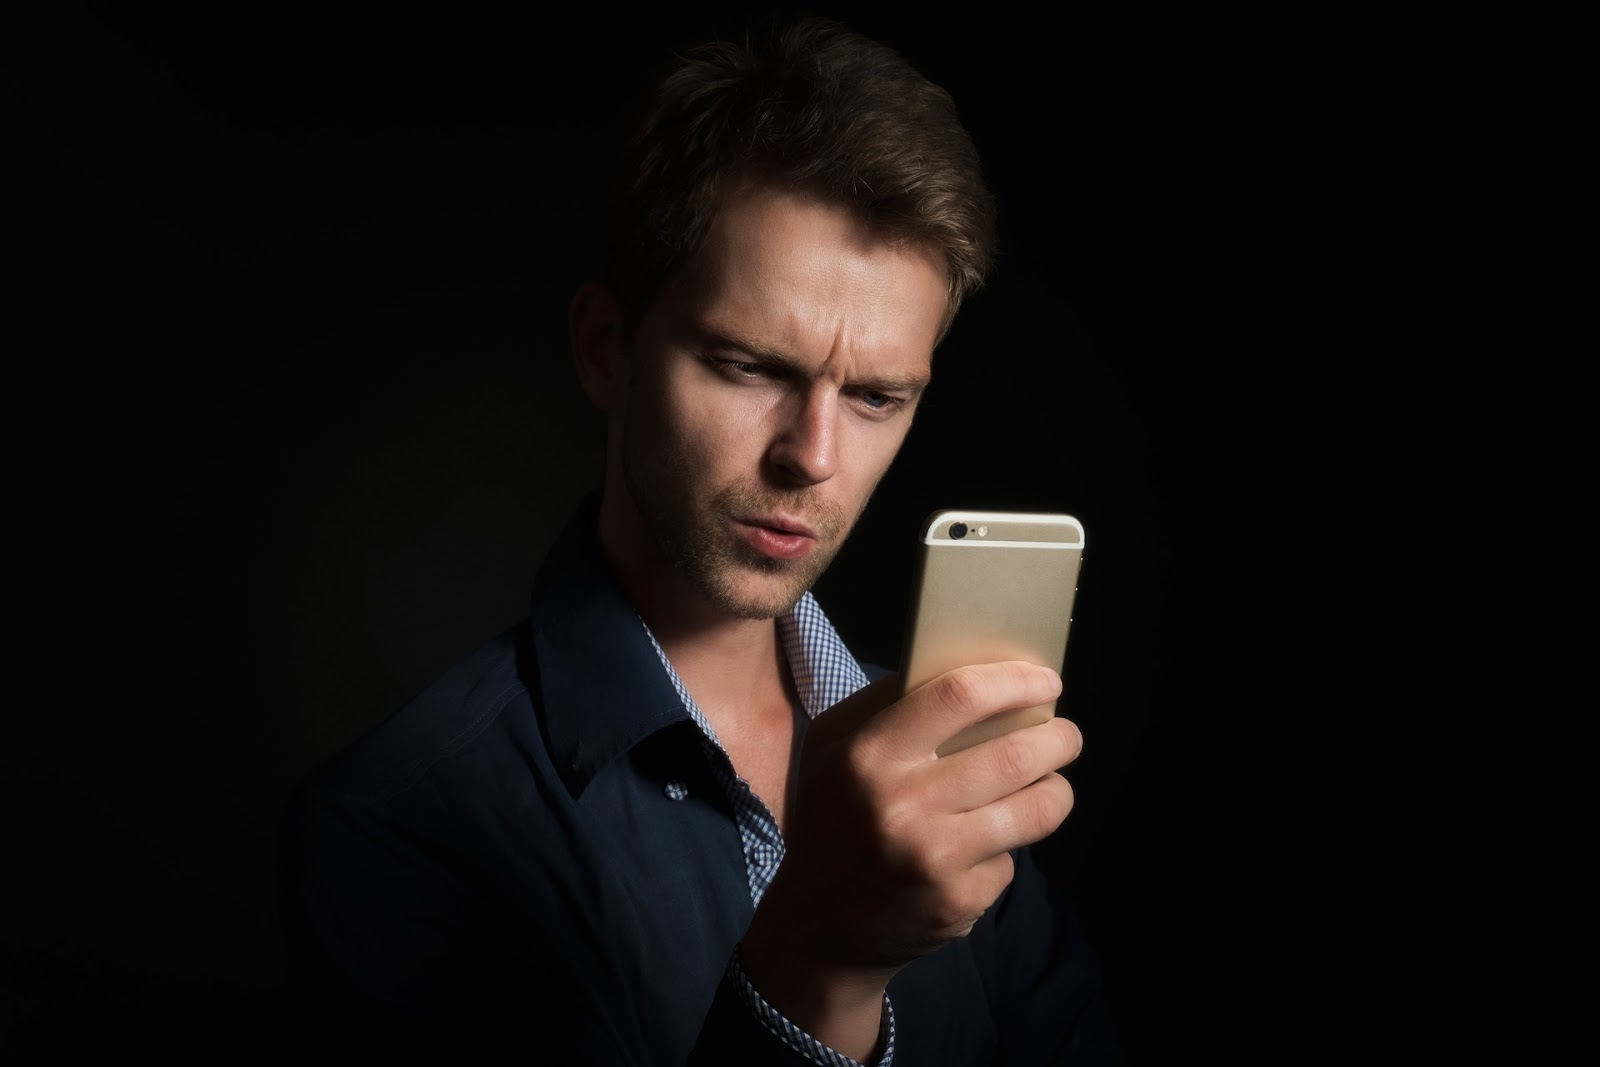 الهواتف الذكية : 5 أسرار رائعة  في هواتف الأندرويد